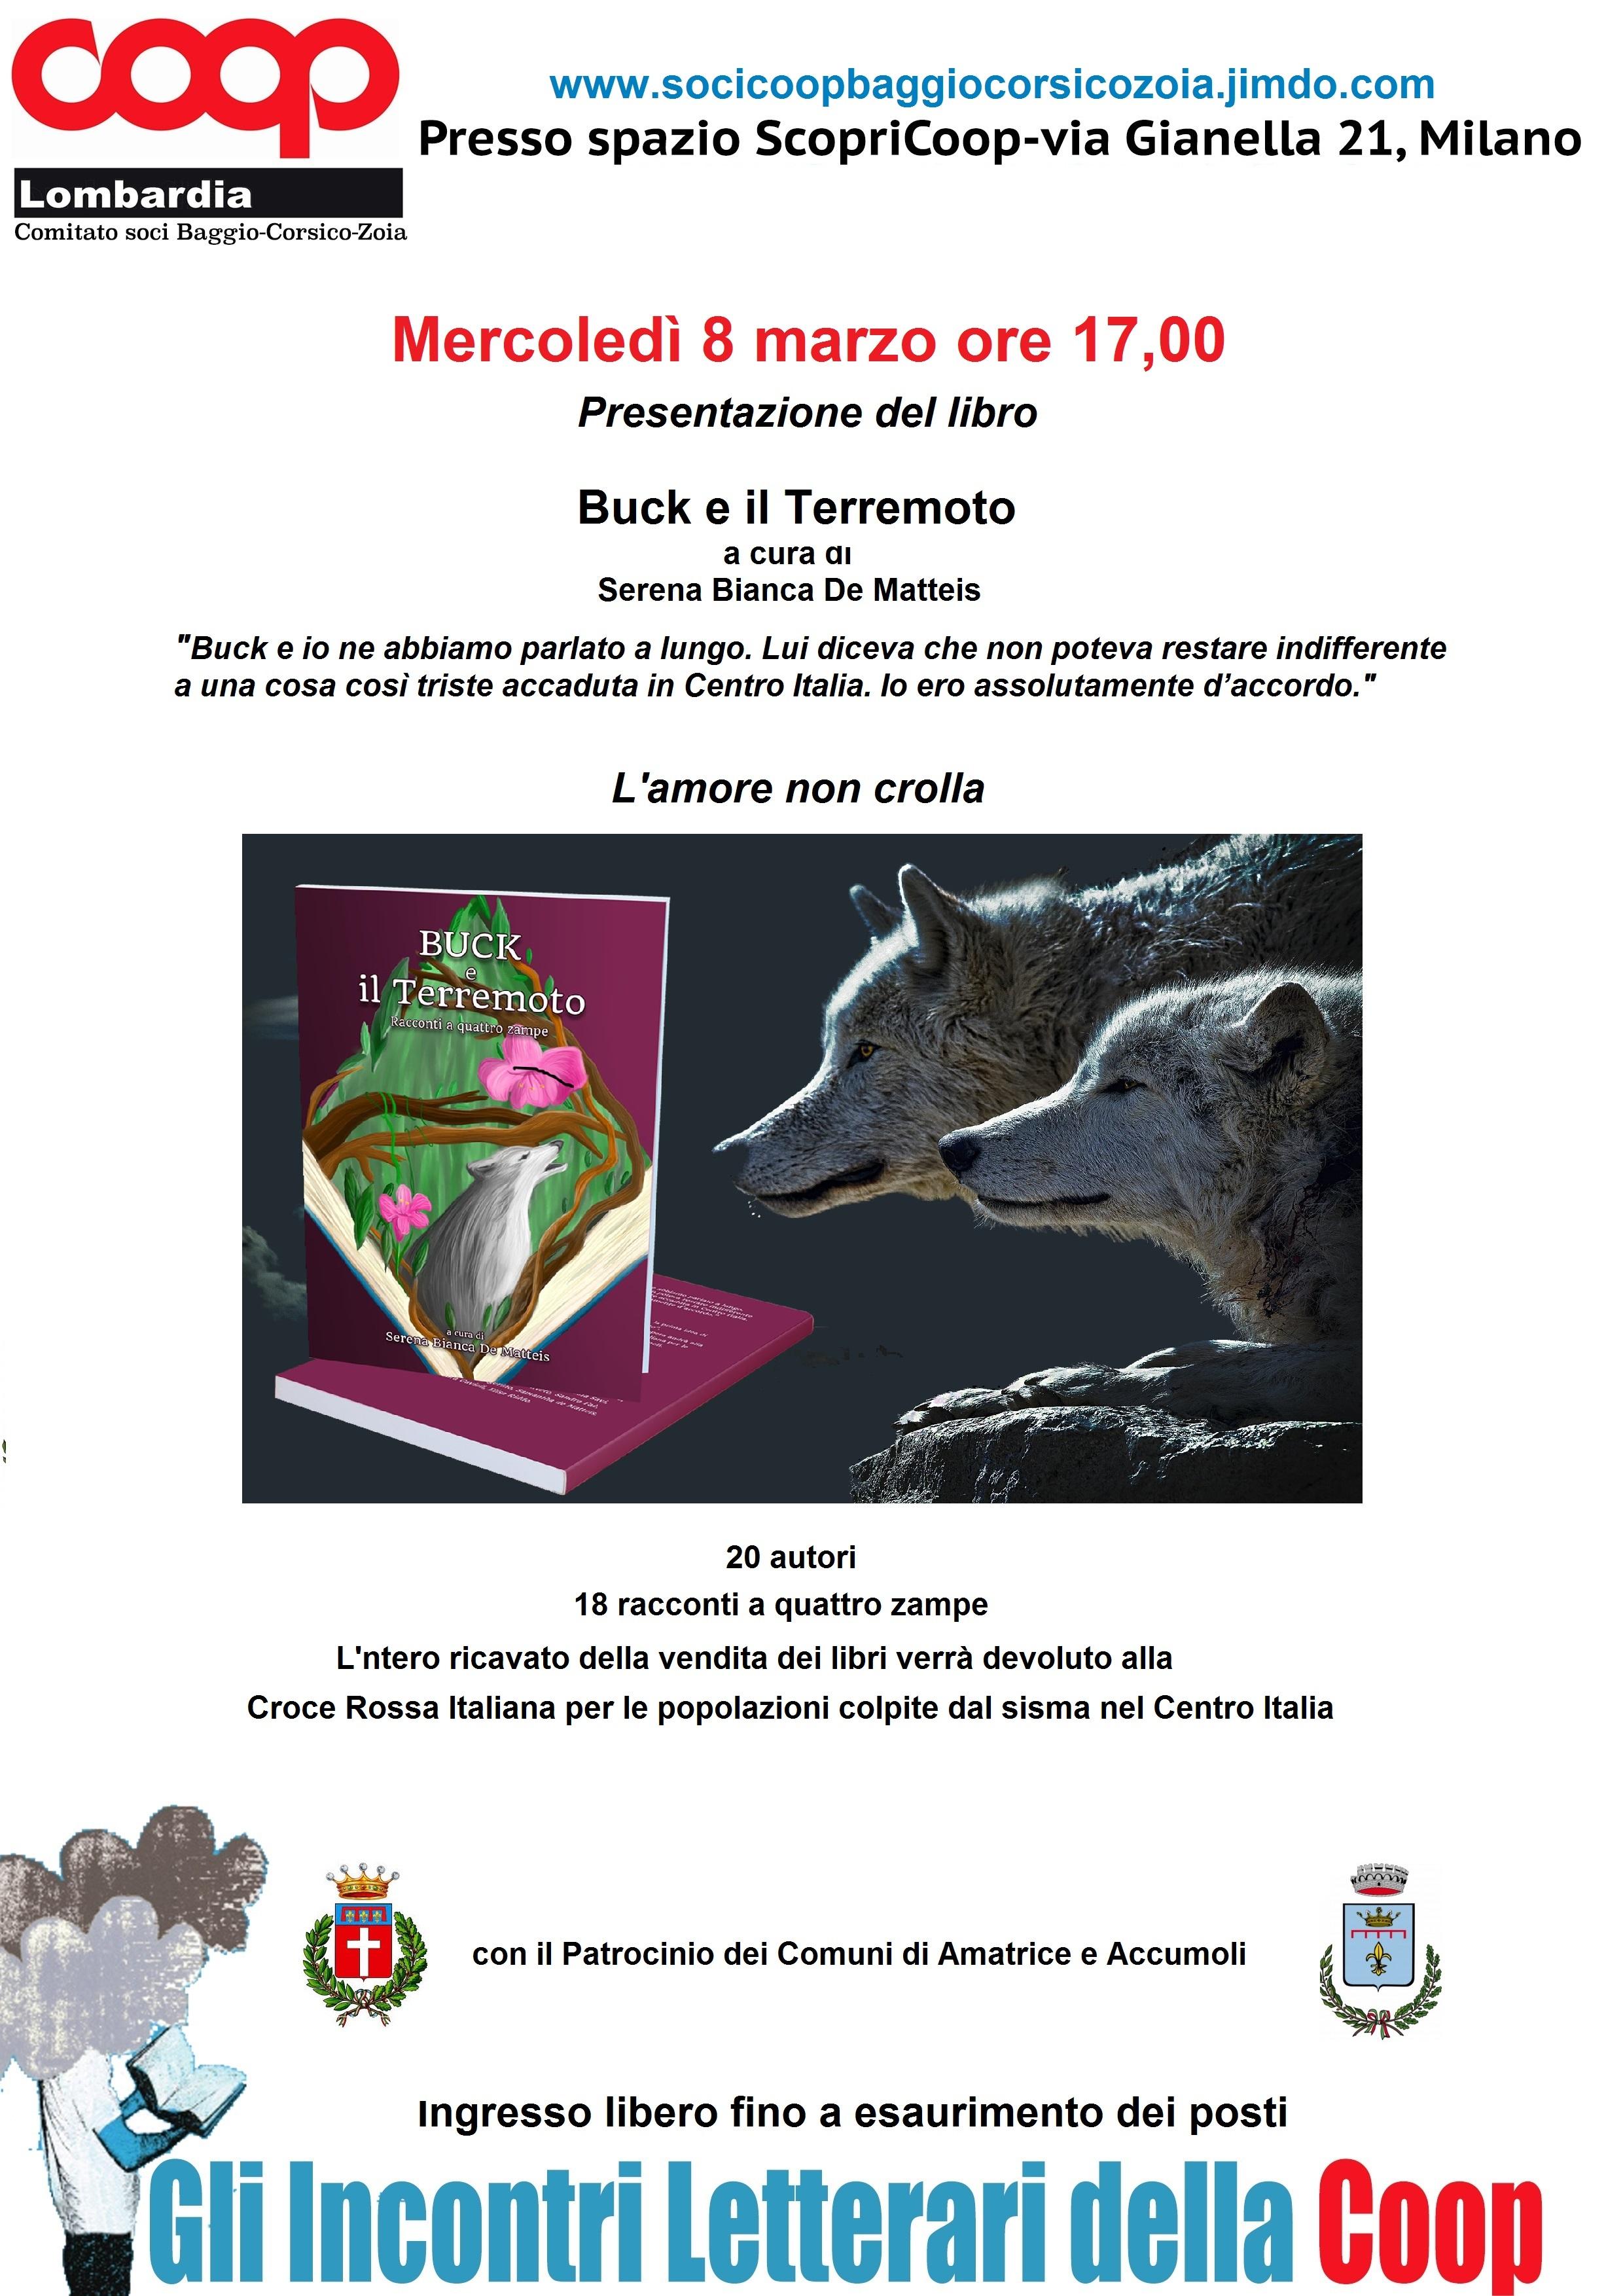 Presentazione di Buck e il Terremoto – 8 marzo 2017 Spazio Coop Milano